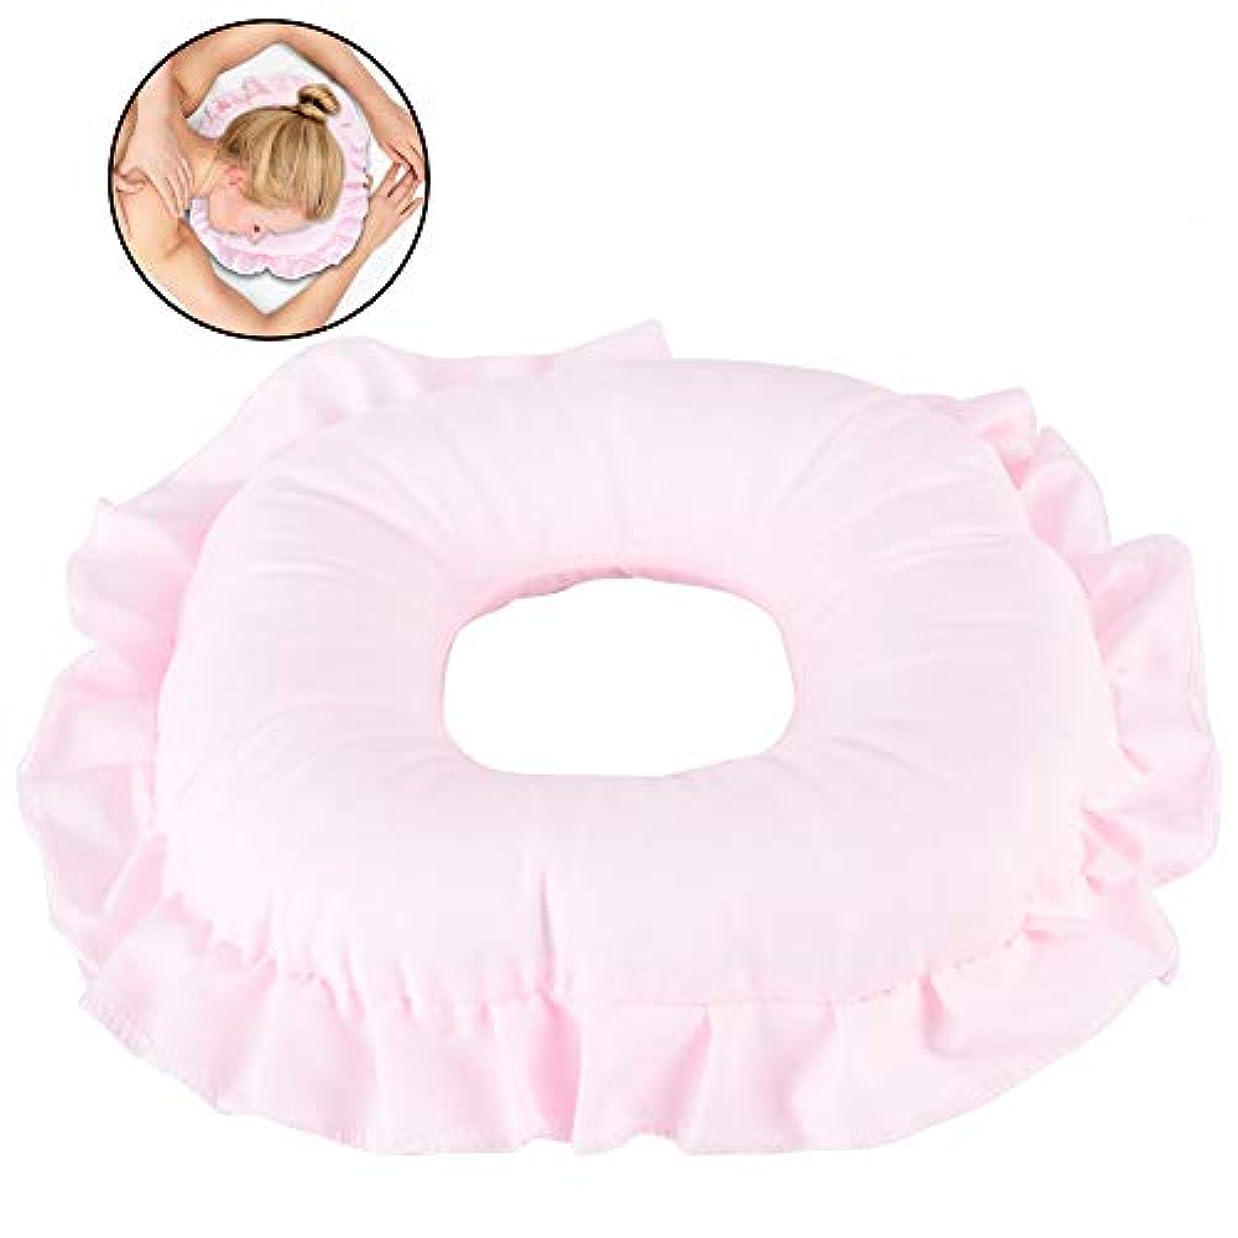 不注意ほうきピザスパマッサージ枕、ポリエステル顔リラックスサロンケア中空枕仮眠クッション(ピンク)